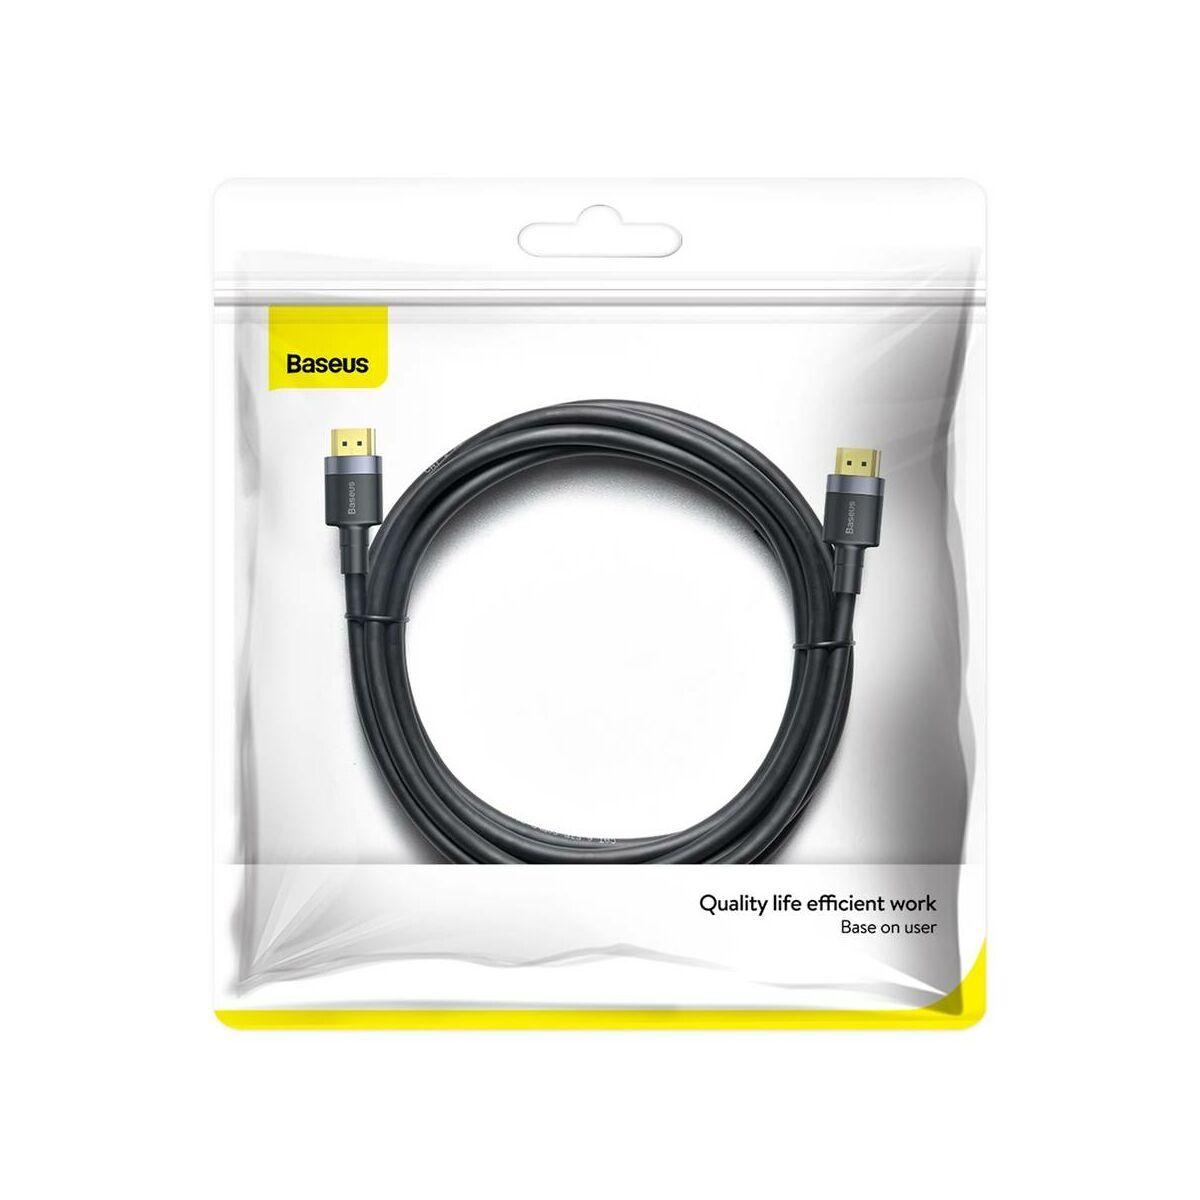 Baseus Video kábel, Cafule 4KHDMI [apa] - 4KHDMI [apa] 3m, fekete (CADKFL-G01)